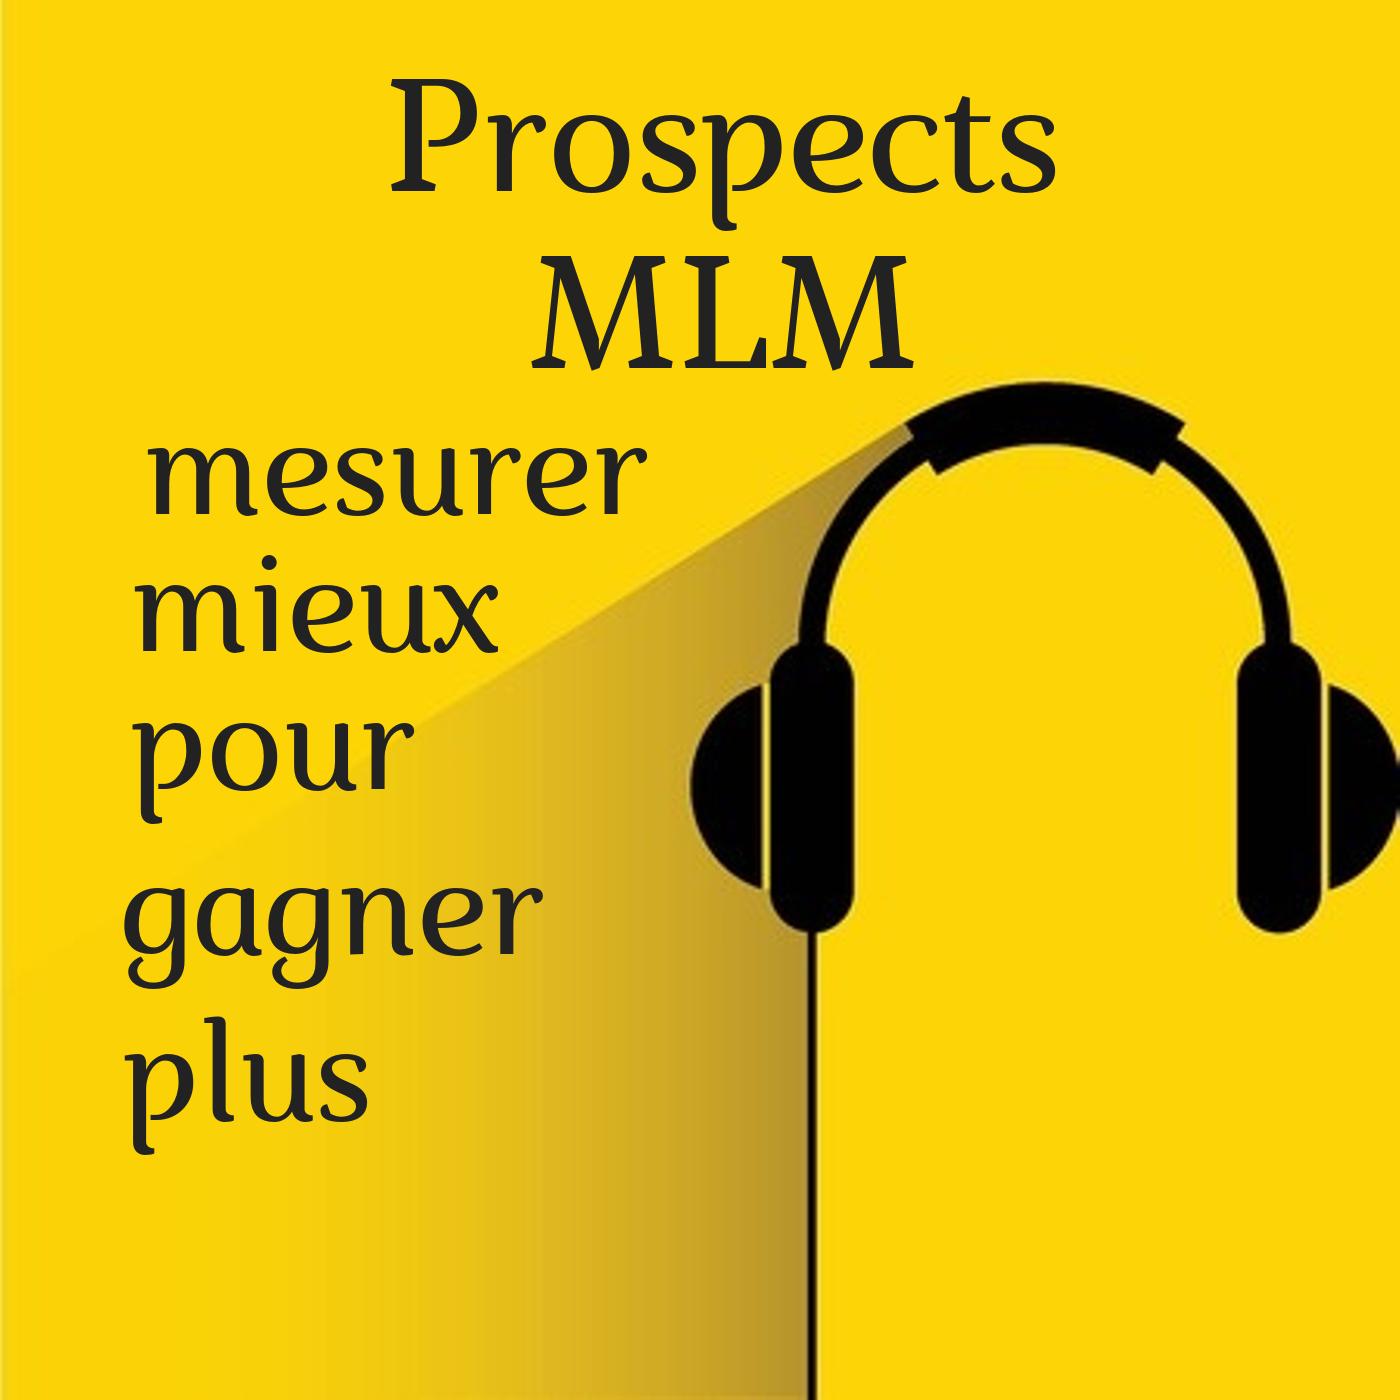 Prospects MLM : mesurer mieux pour gagner plus